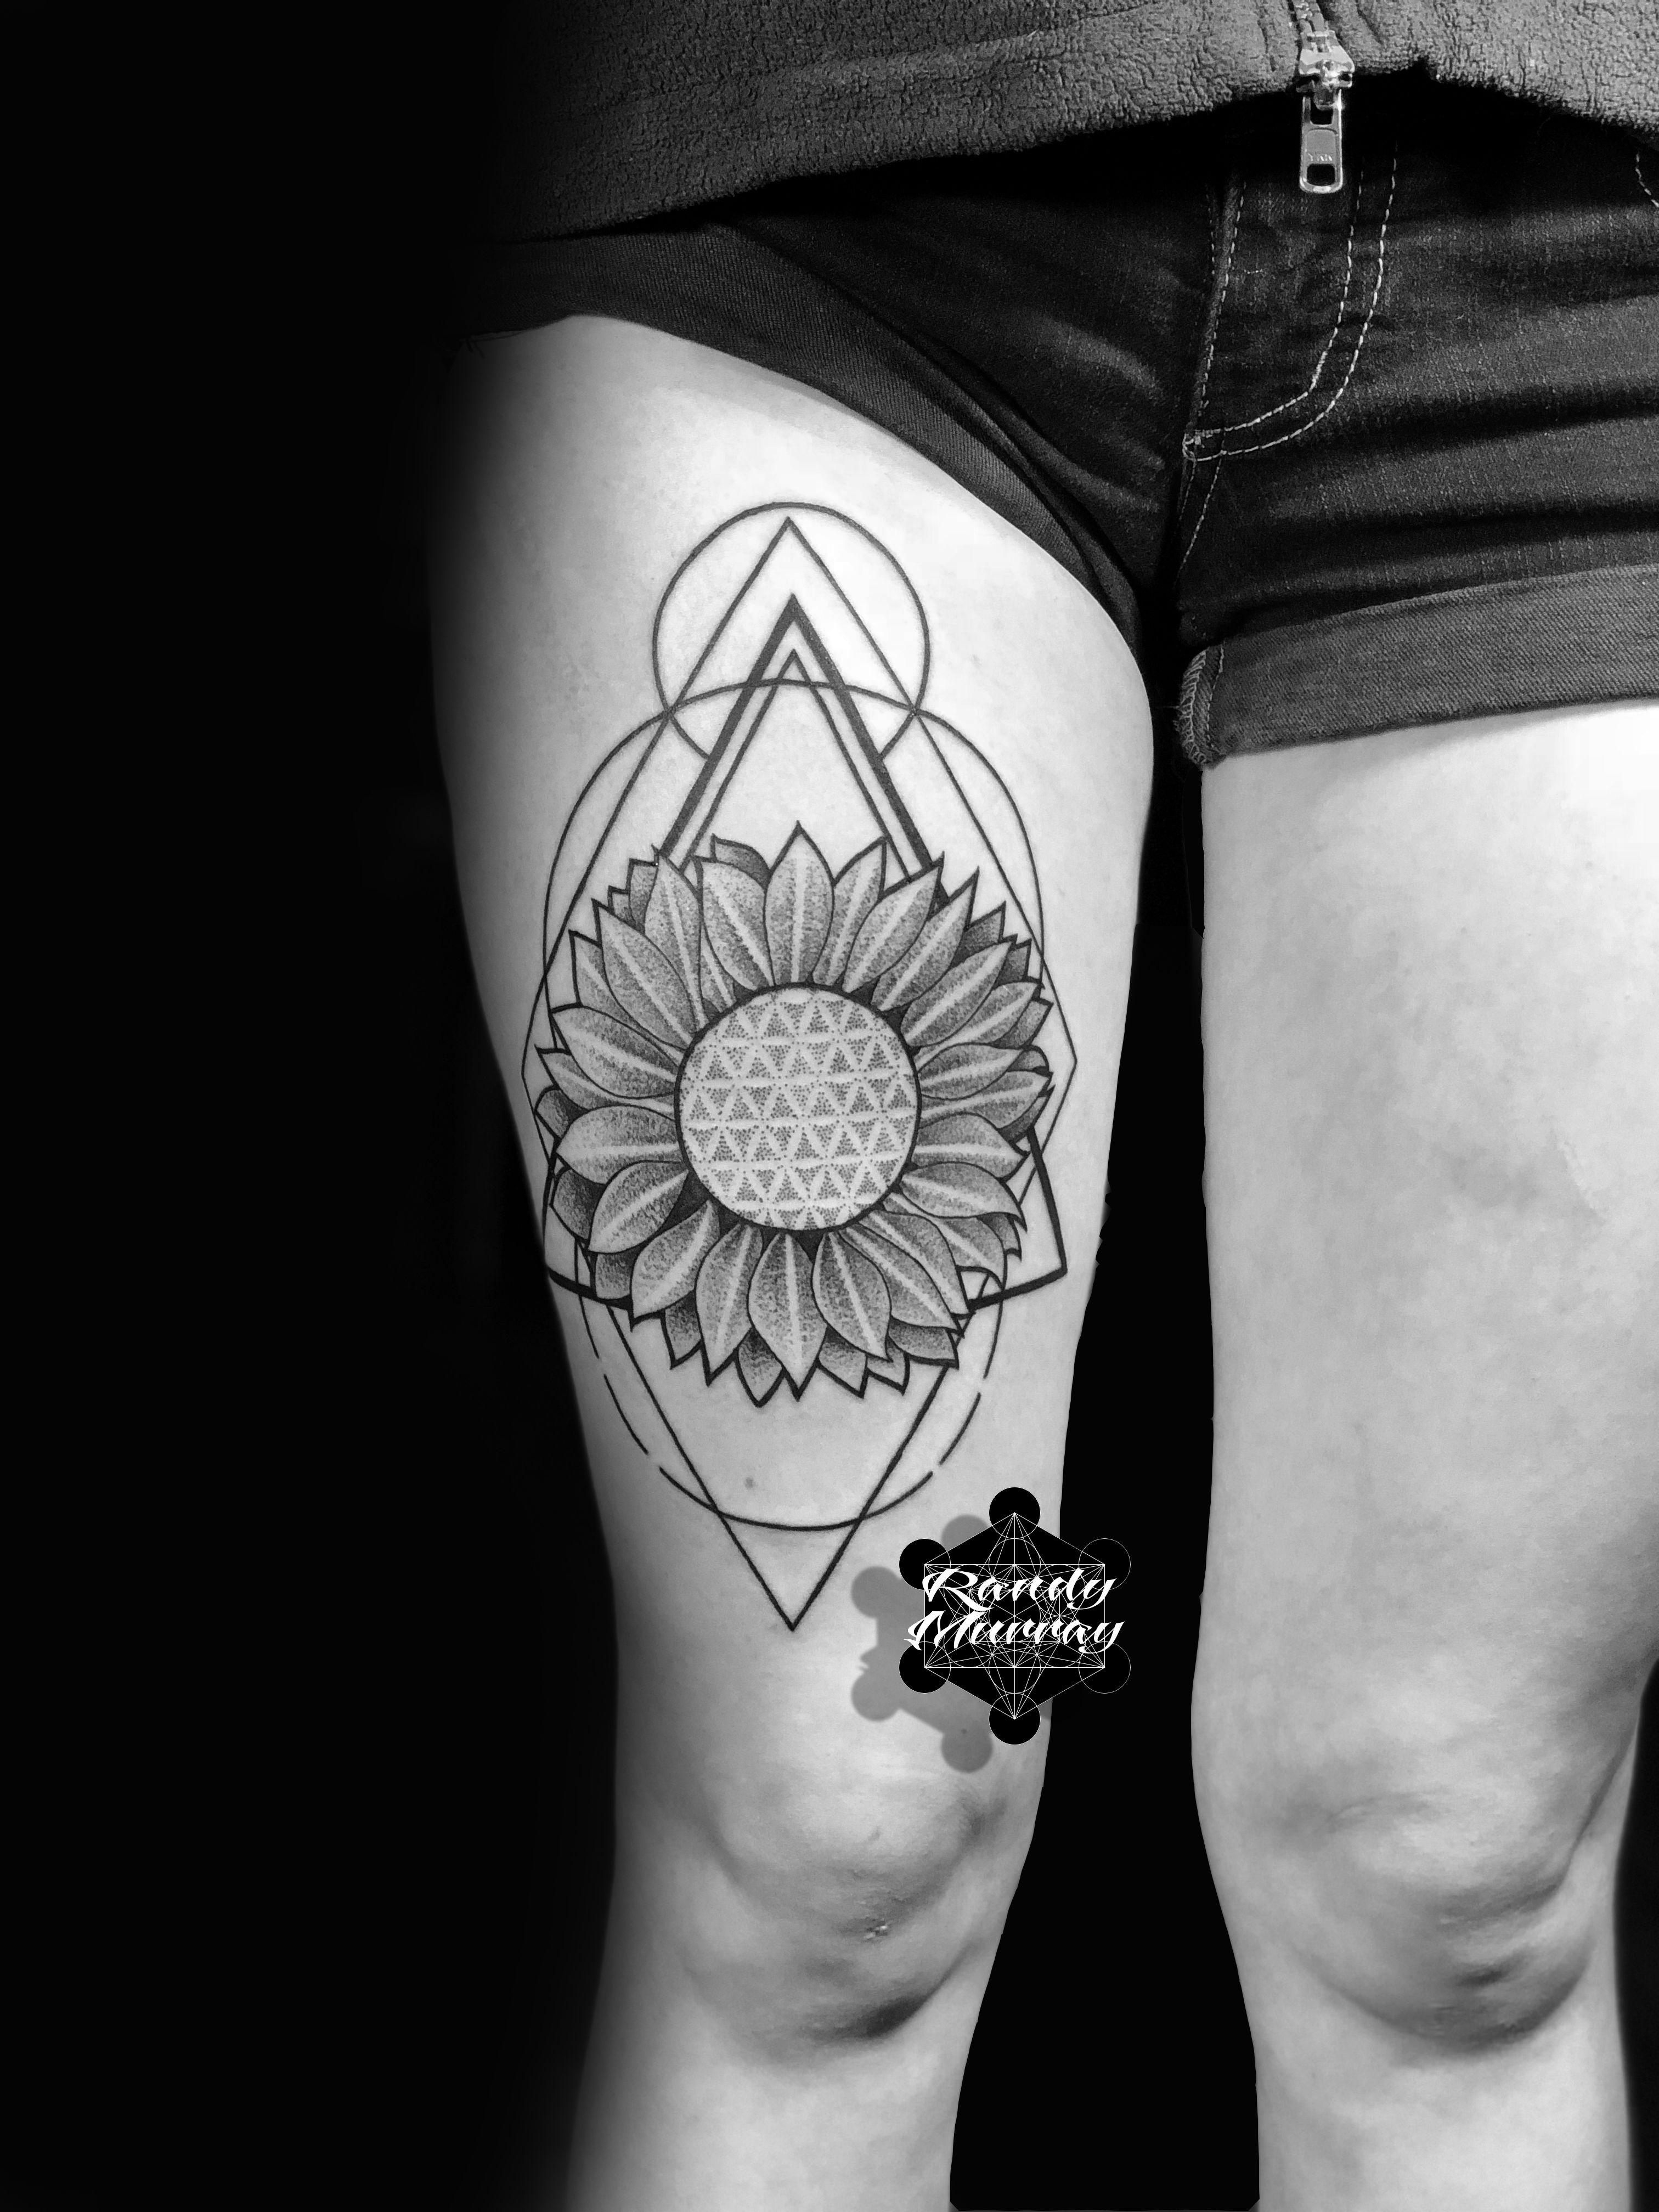 Geometric Blackwork Sunflower Tattoo Blackworktattoo Tattoo Tattoos Dotwork Geometictattoo Randymurrayta Sunflower Tattoo Tattoos Sunflower Tattoo Sleeve